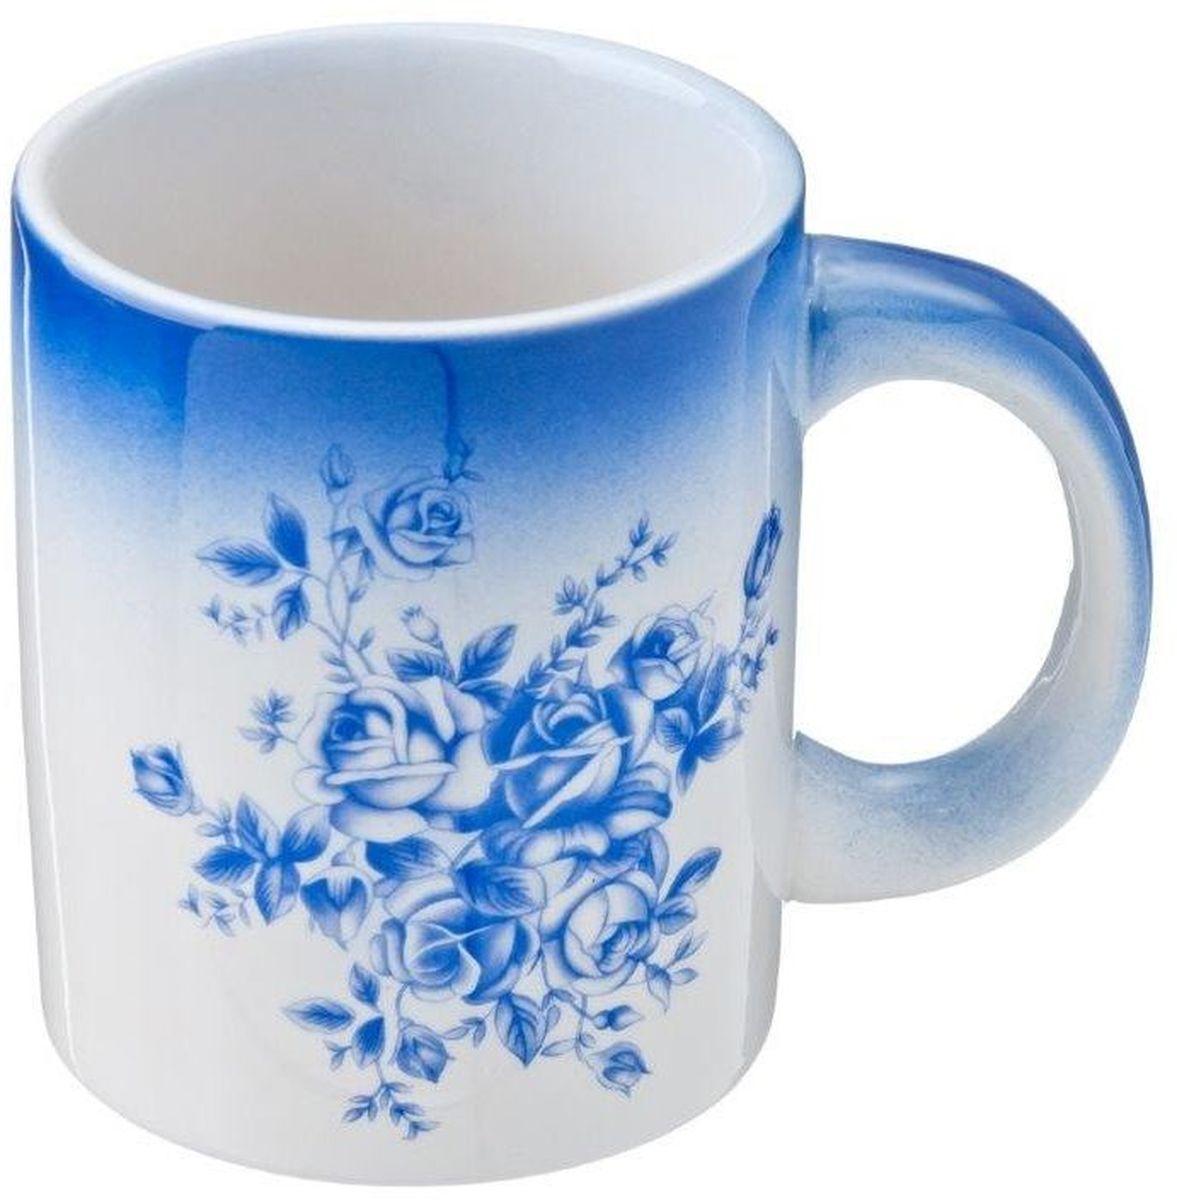 Кружка Vetta Народные мотивы, 300 мл824719Кружка Народные мотивы, выполненная из высококачественной керамики, декорирована синим цветочным узором. Изделие оснащено удобной ручкой. Кружка сочетает в себе оригинальный дизайн и функциональность. Благодаря такой кружке пить напитки будет еще вкуснее.